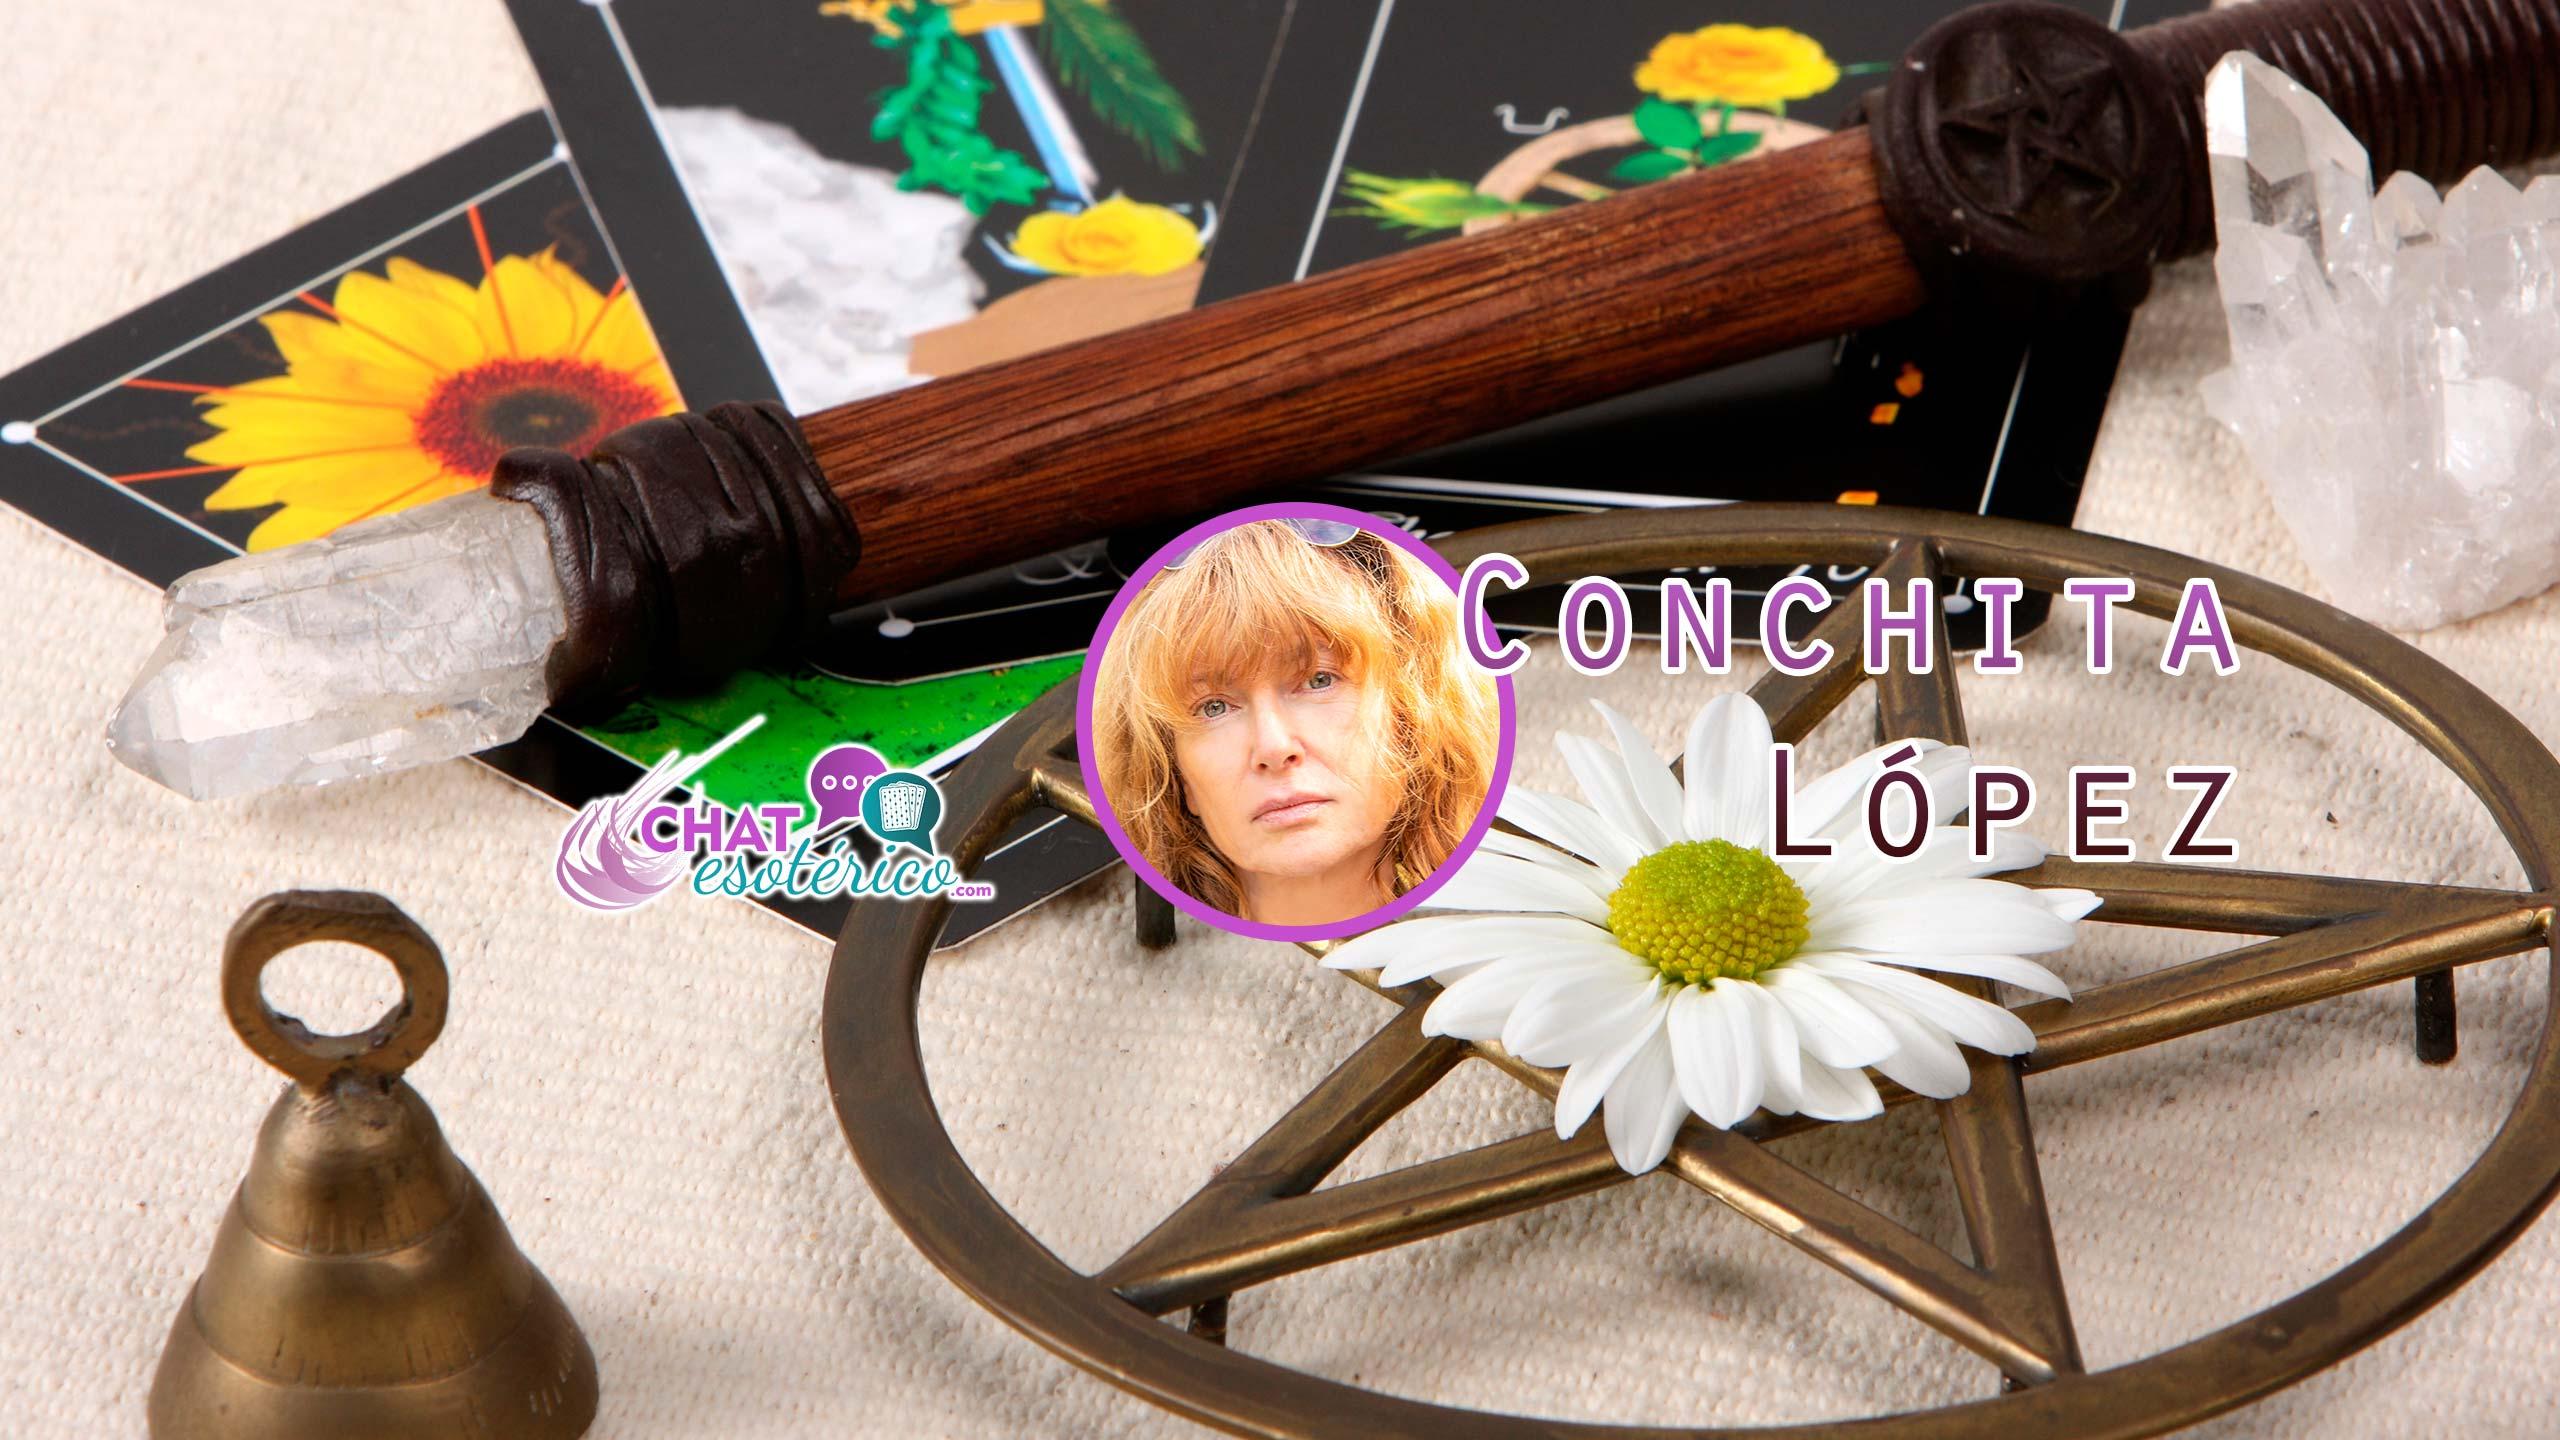 Consulta a Conchita López y descubre, porqué es la pitonisa más recomendada